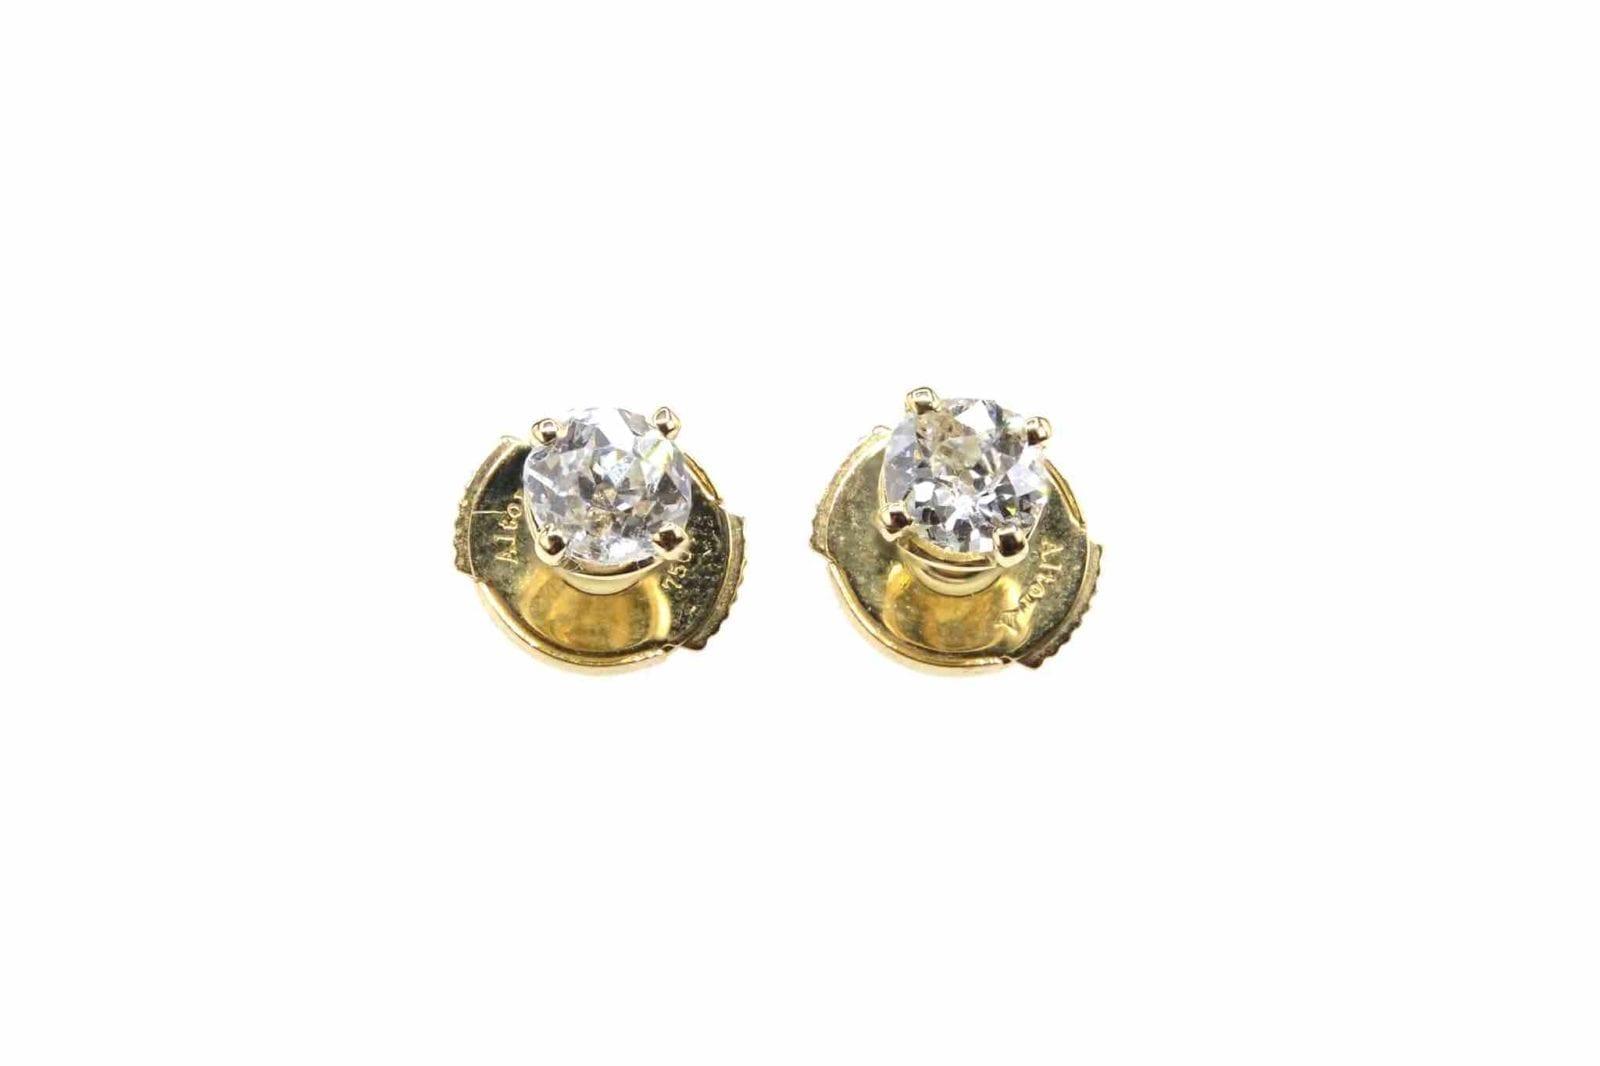 Boucles d'oreilles diamants en or jaune 18k